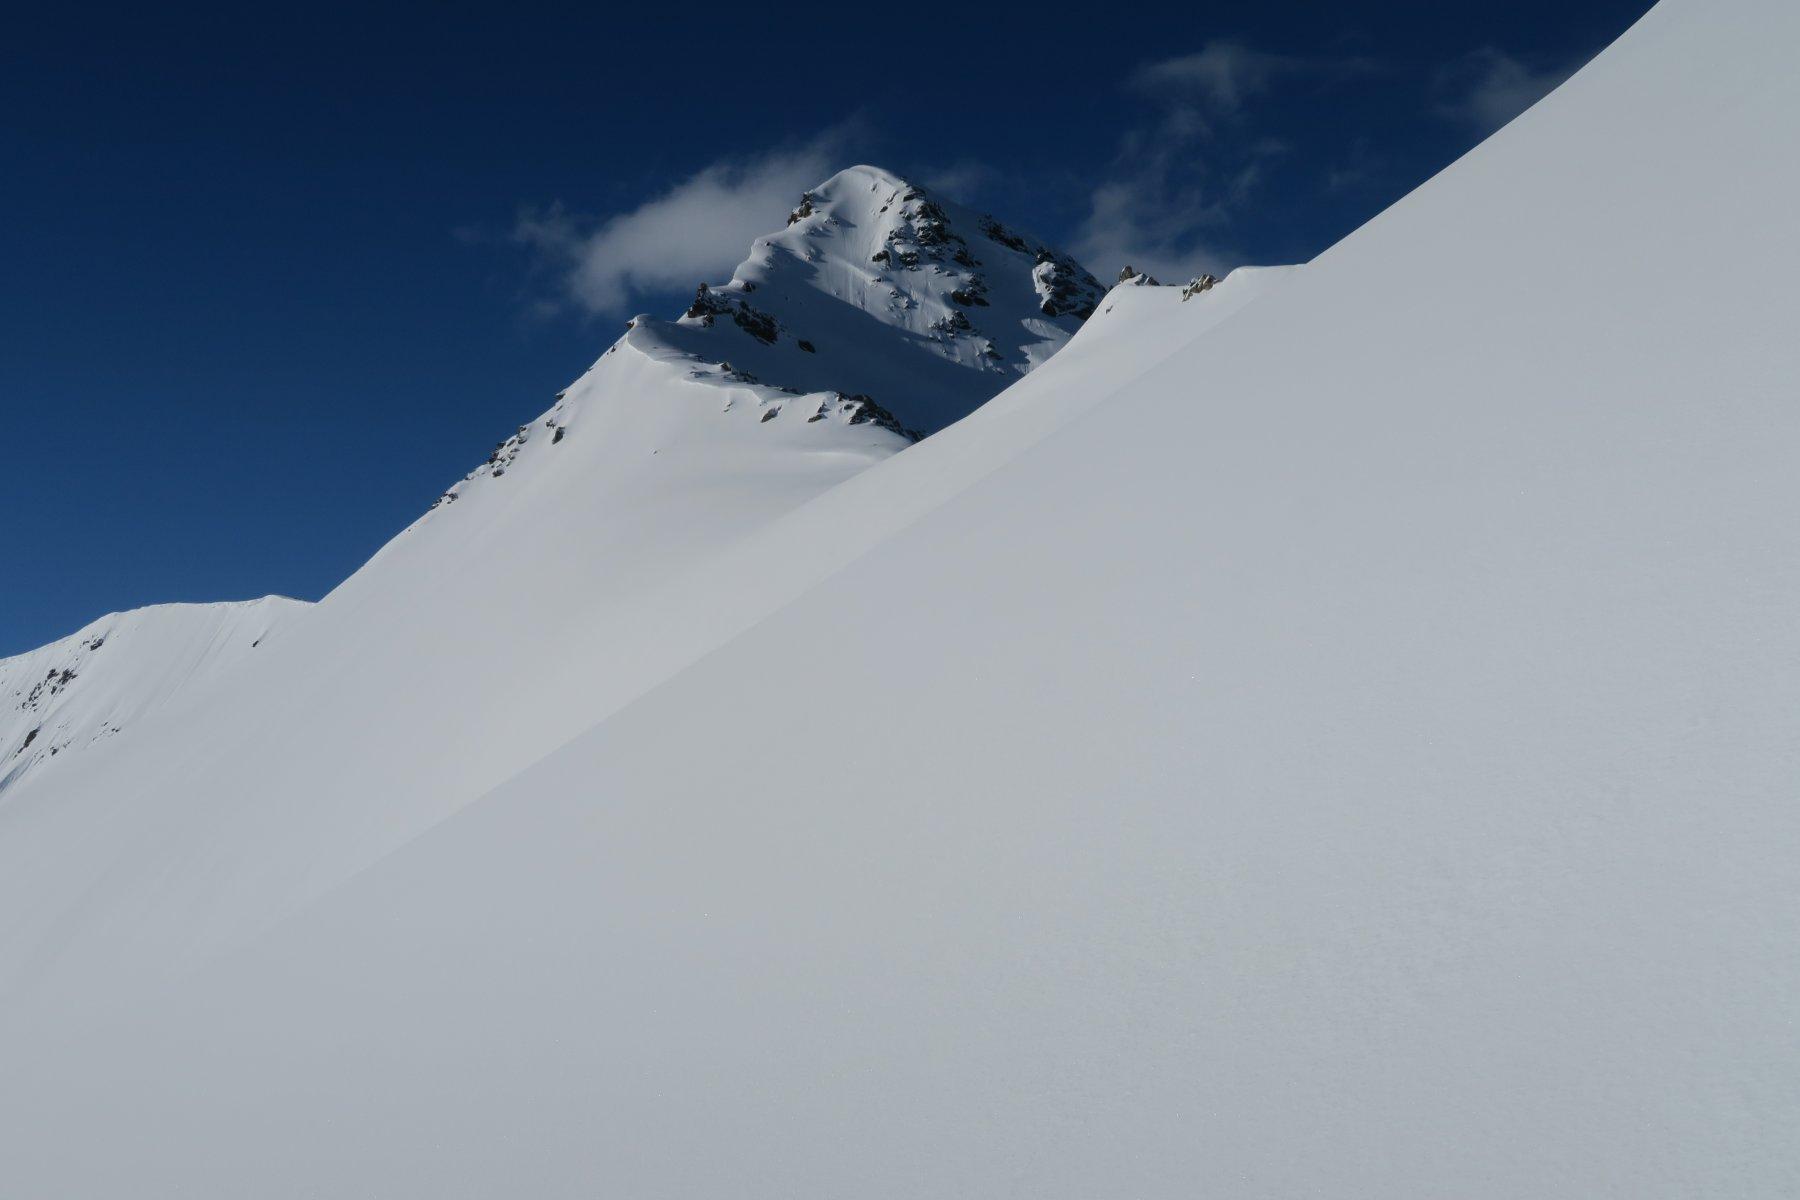 la cima imbiancata dalle nevicate recenti